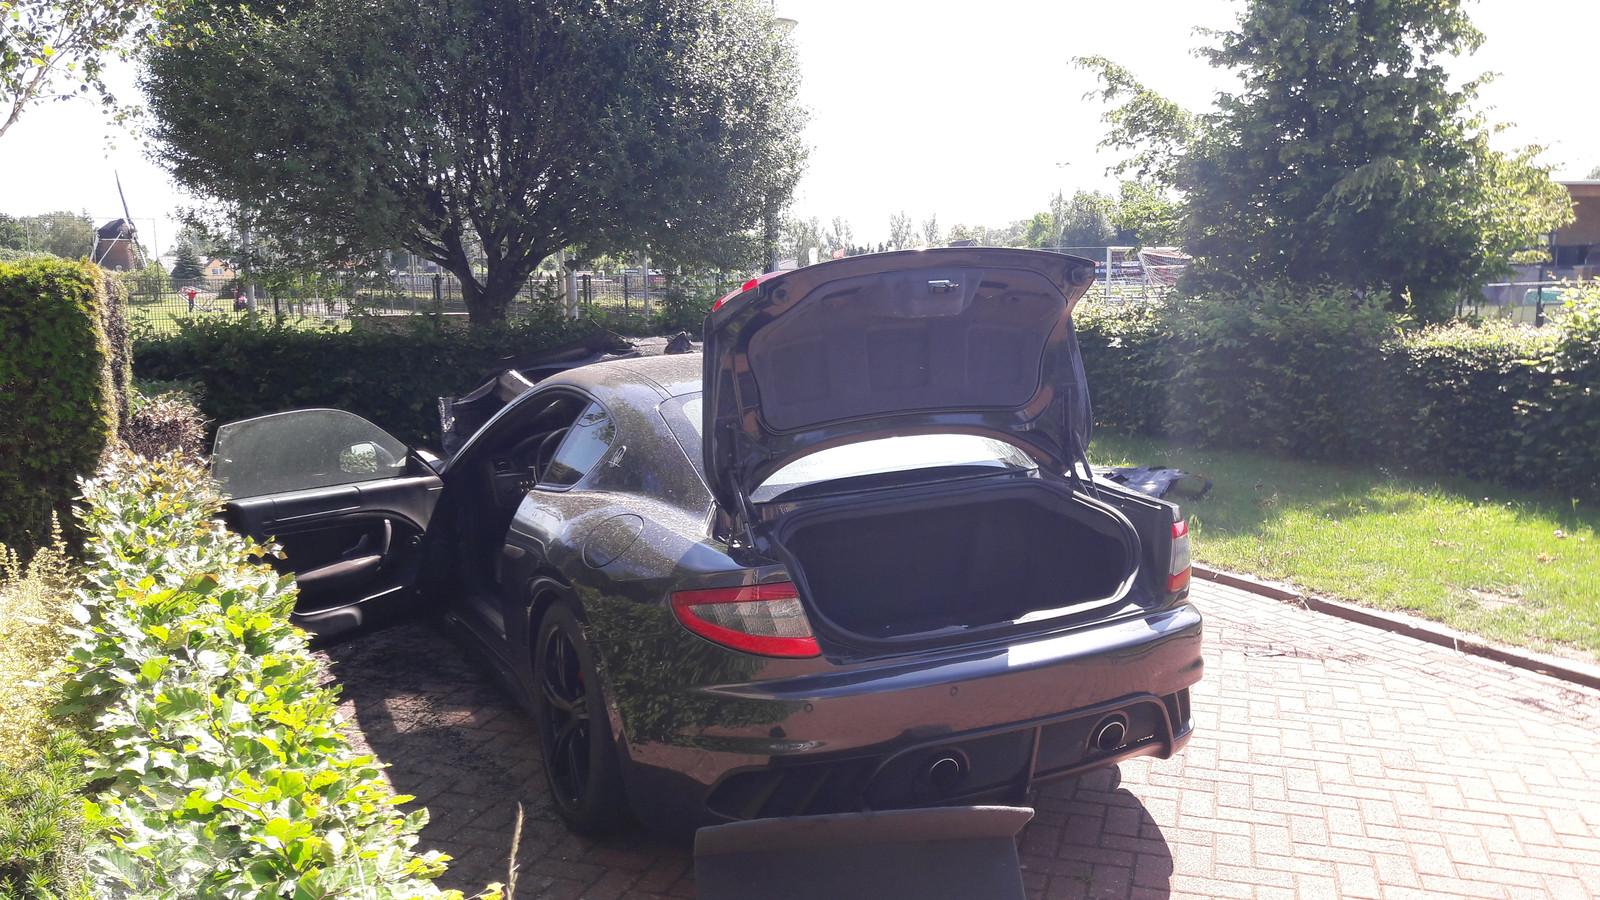 De deels uitgebrande Maserati aan het Hof van Rome in Doetinchem.